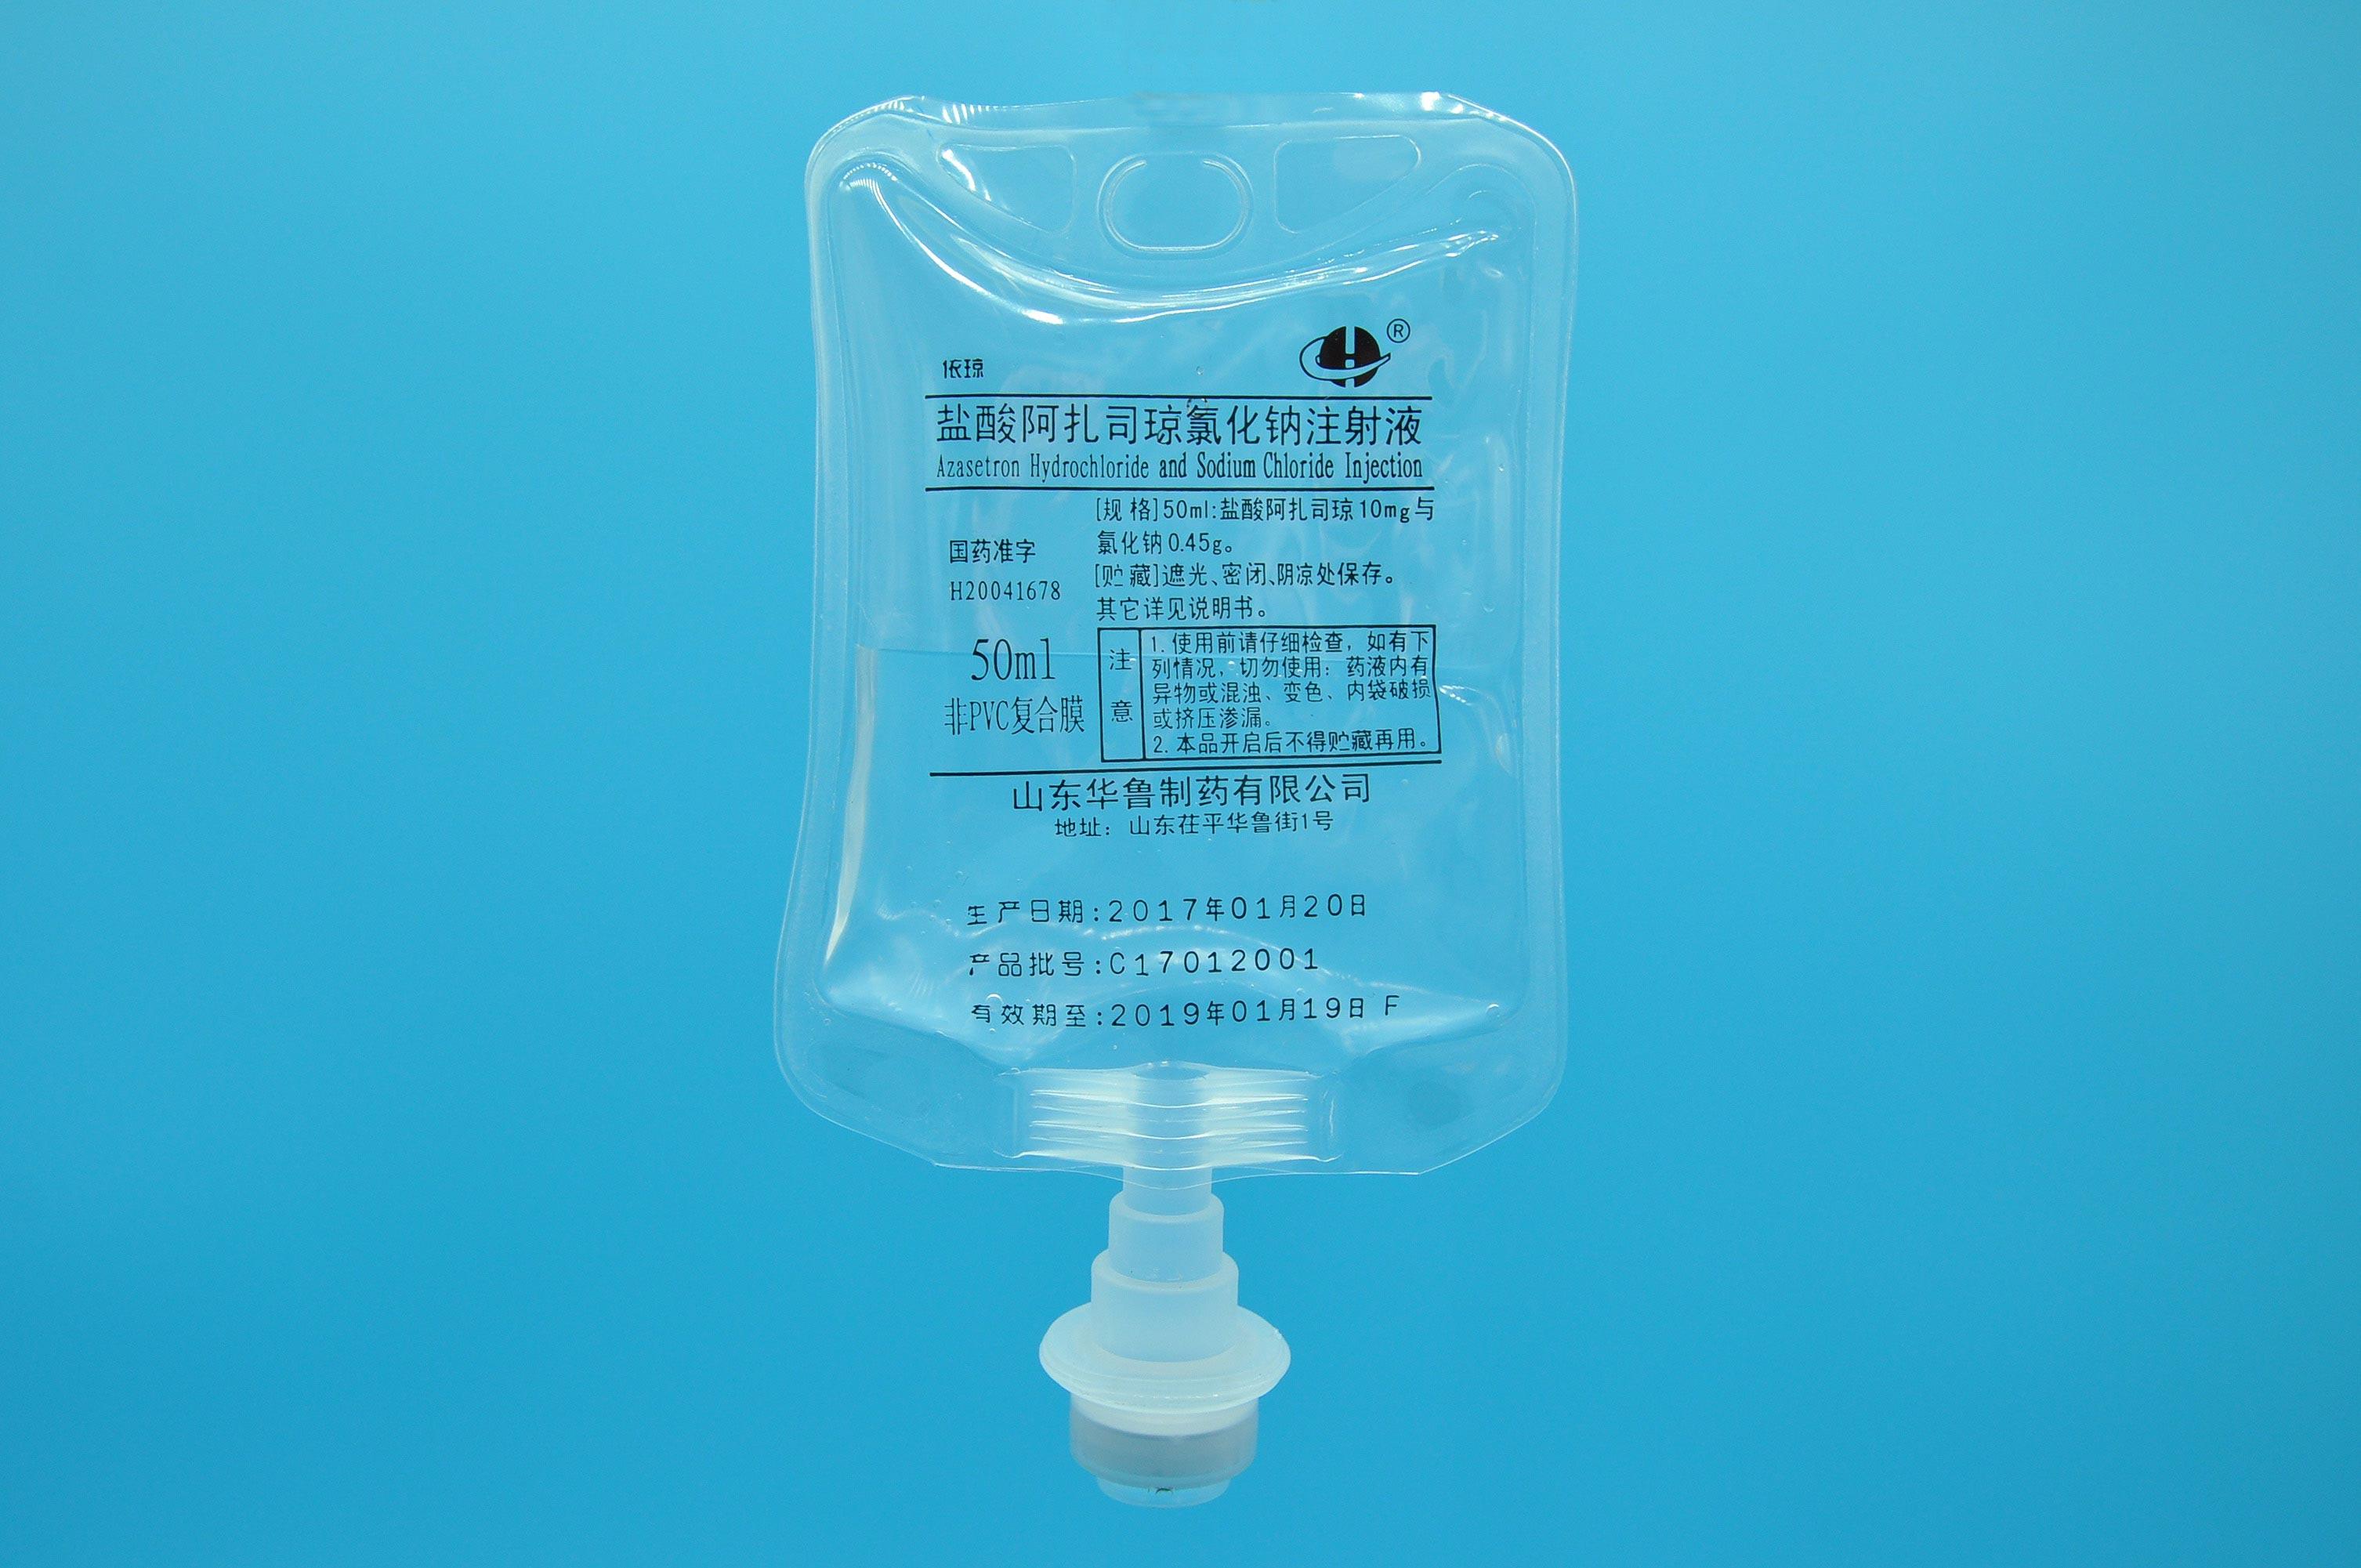 盐酸阿扎司琼氯化钠注射液